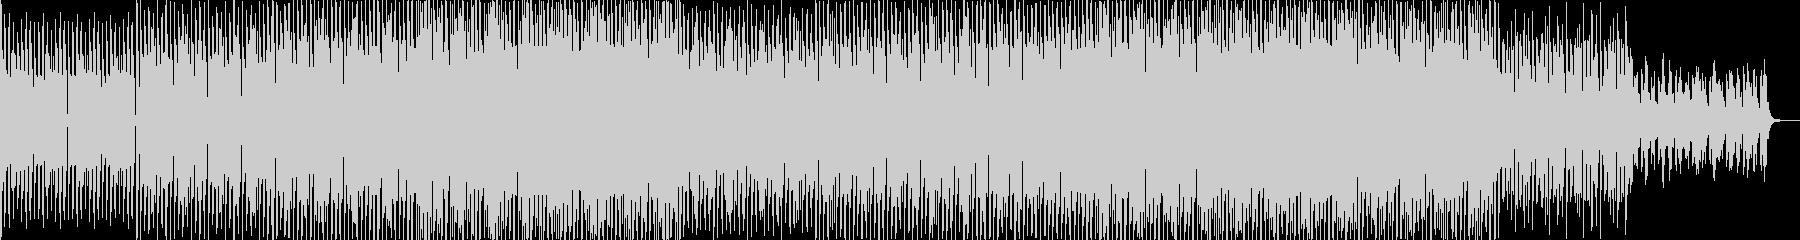 EDMドラマチックなテクノミュージックの未再生の波形